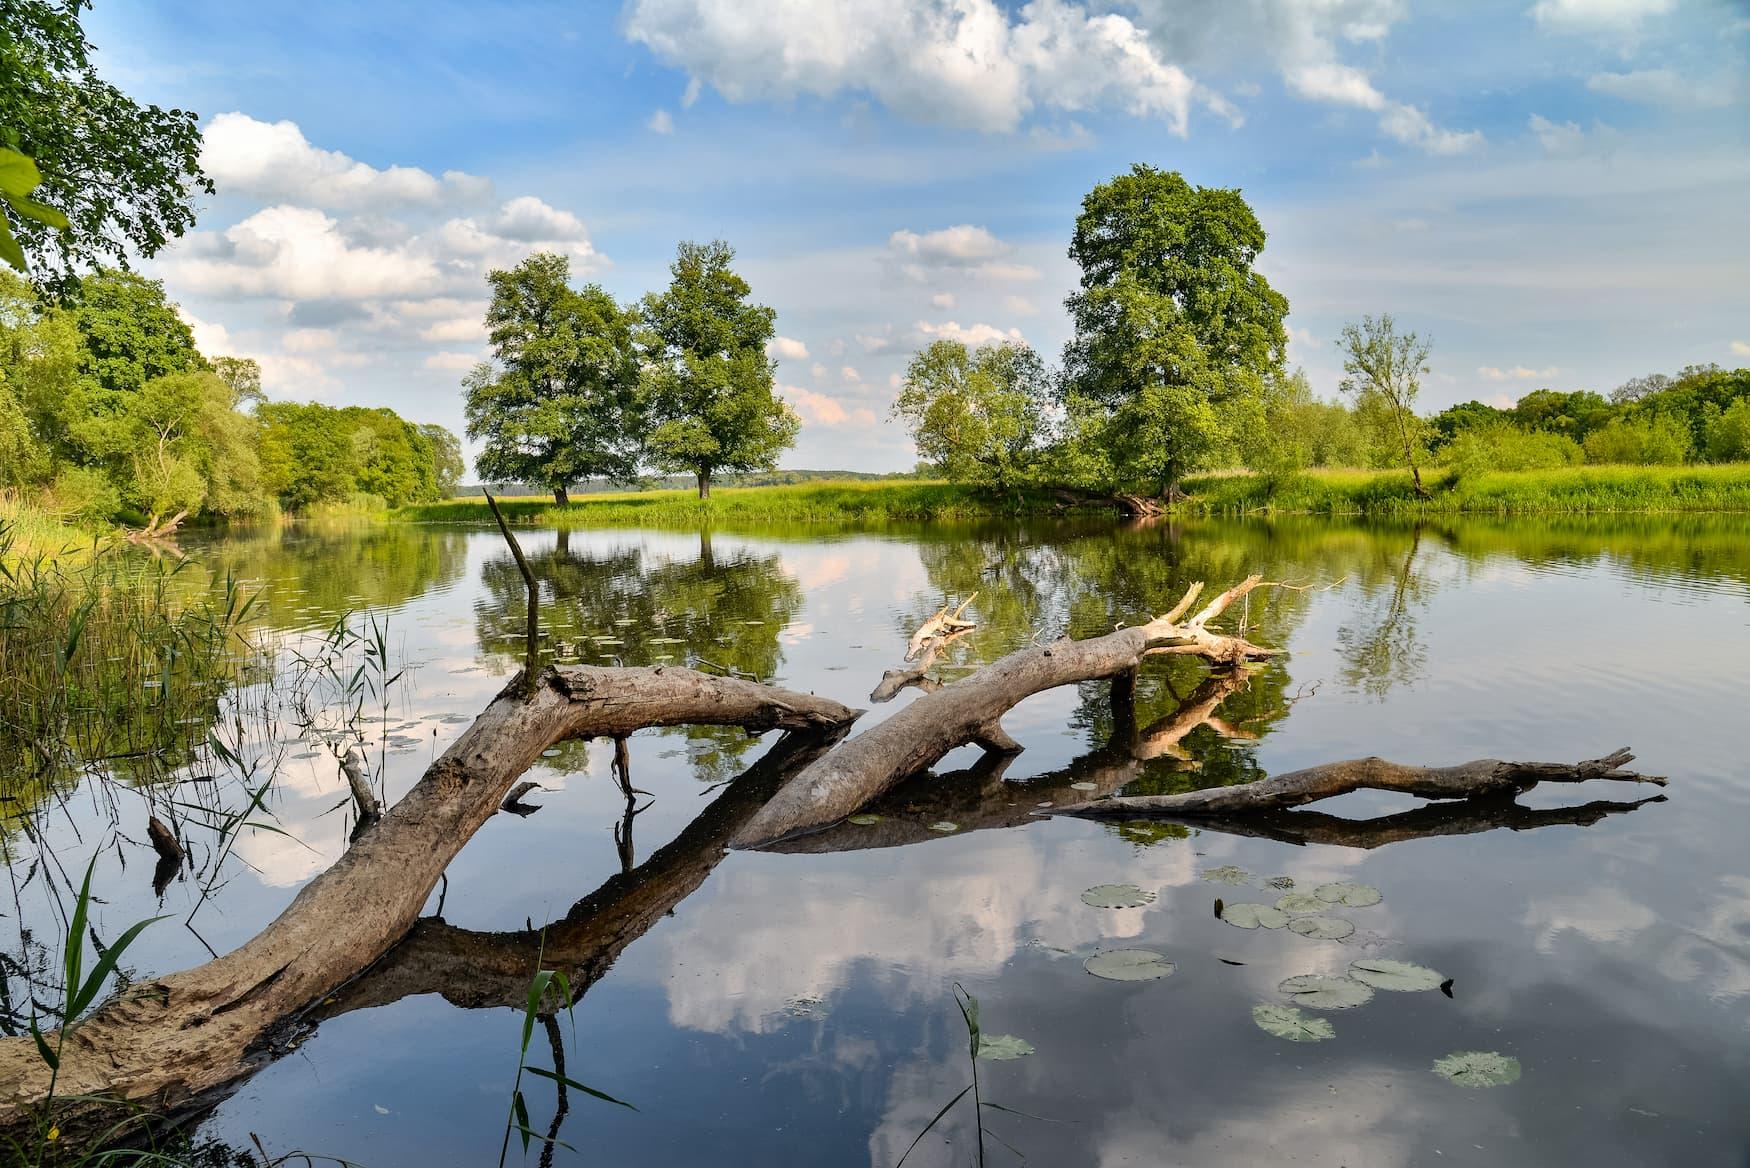 Nationalpark Unteres Odertal auf dem Märkischen Landweg